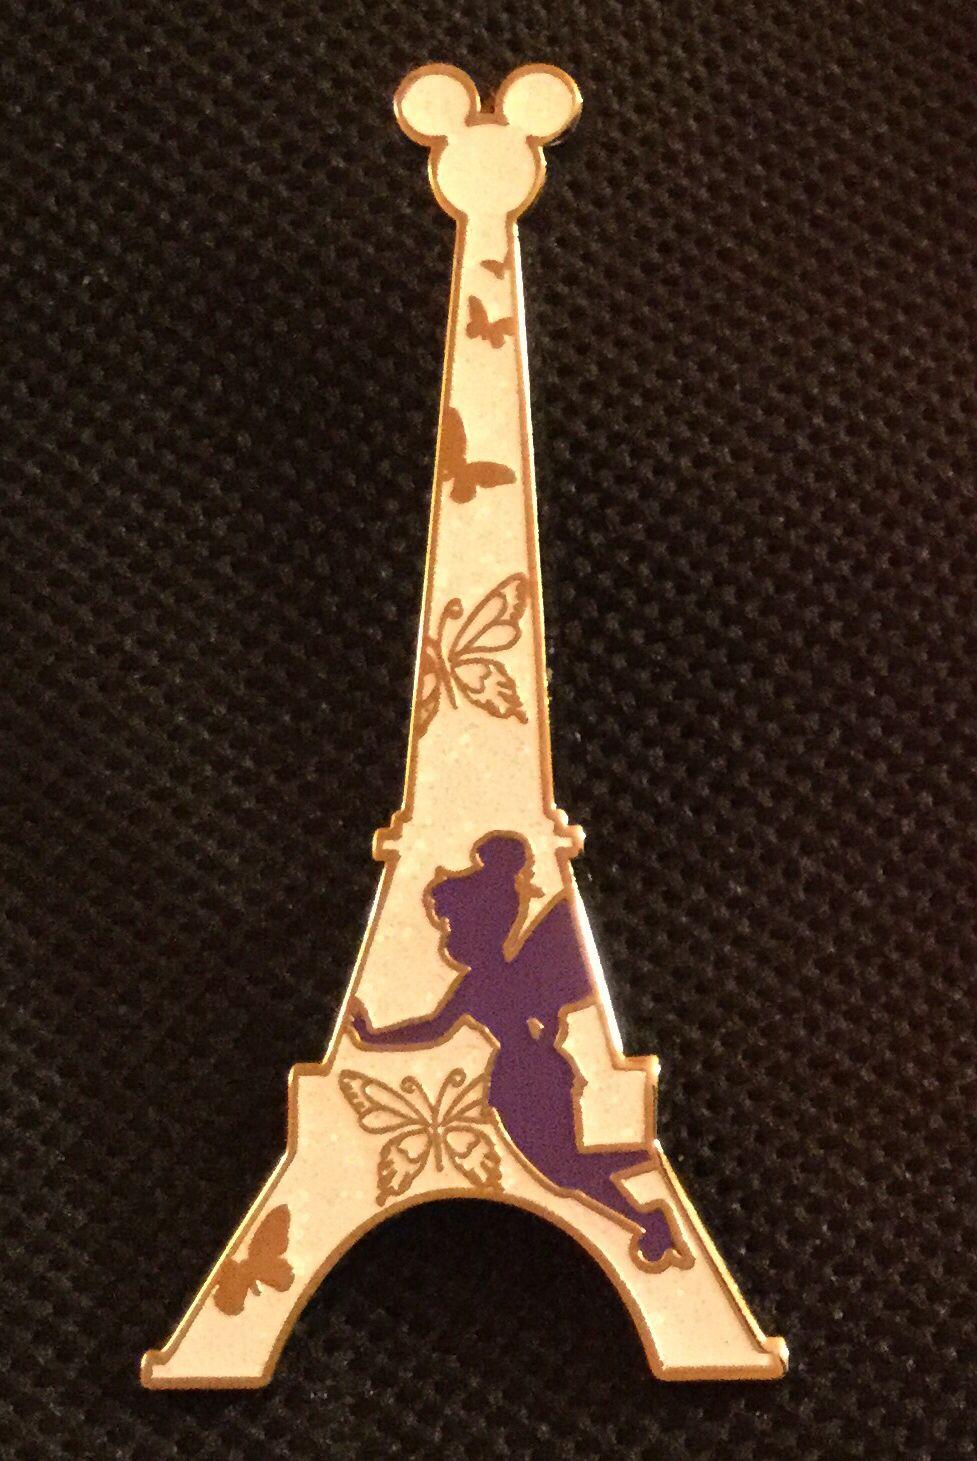 Disney Trading Pin - Tinker Bell Disneyland Paris